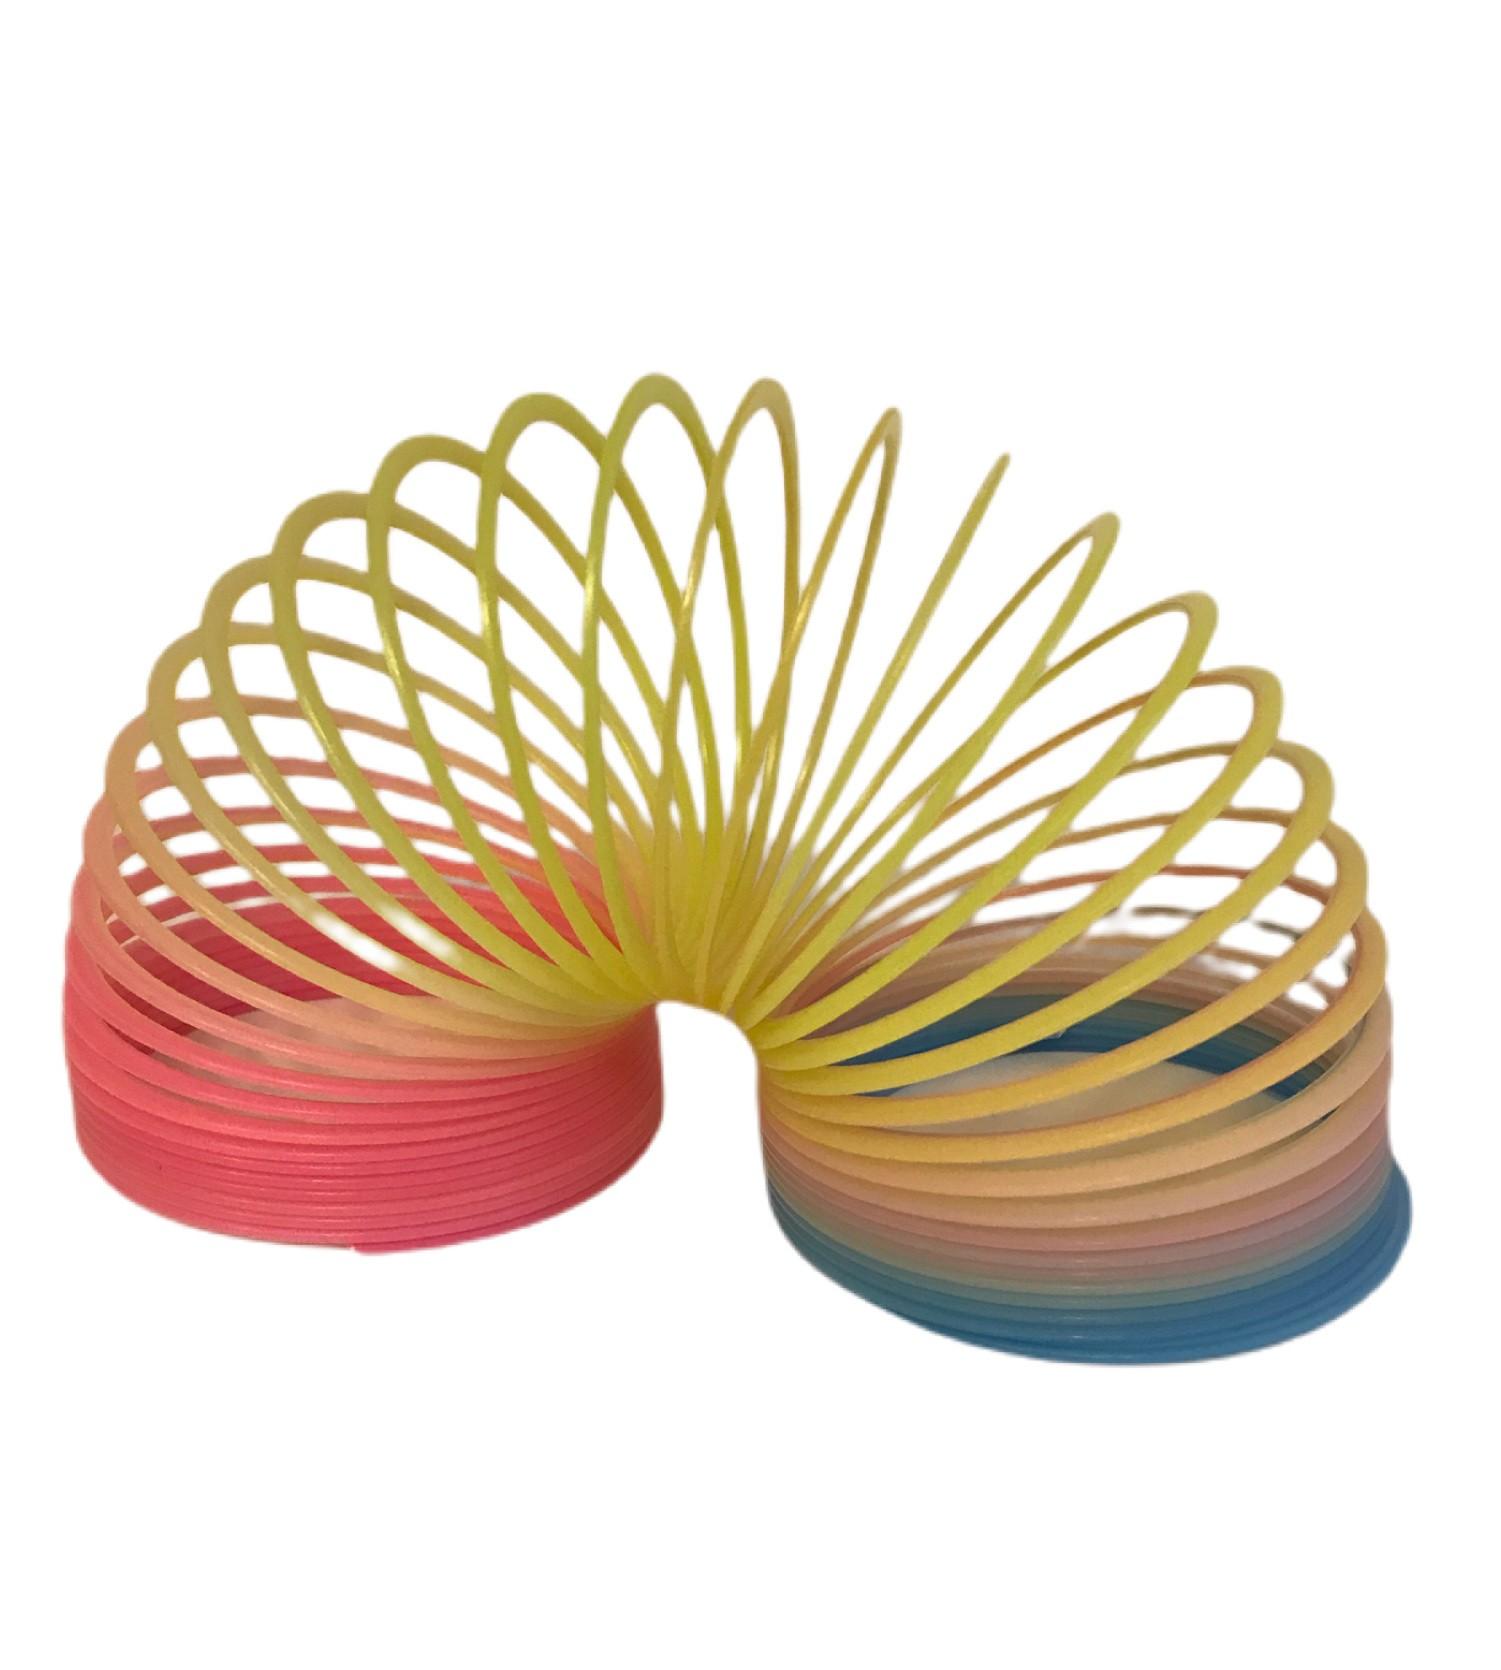 Mola Maluca Grande Colorida Brinquedo Sensação Anti-stress